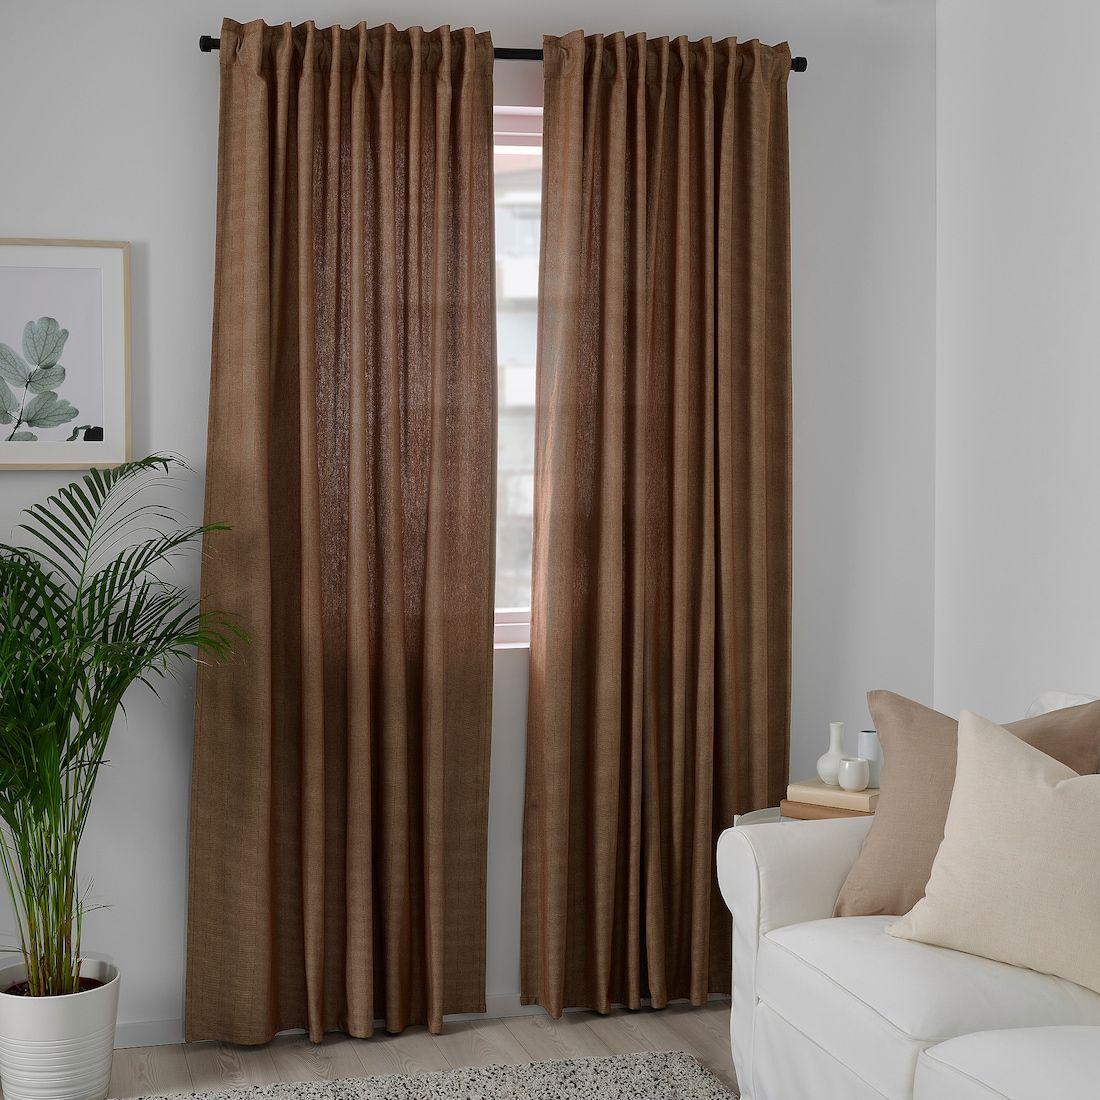 Tibast Room Darkening Curtains 1 Pair Dark Red Ikea In 2020 Room Darkening Curtains Curtains Thick Curtains